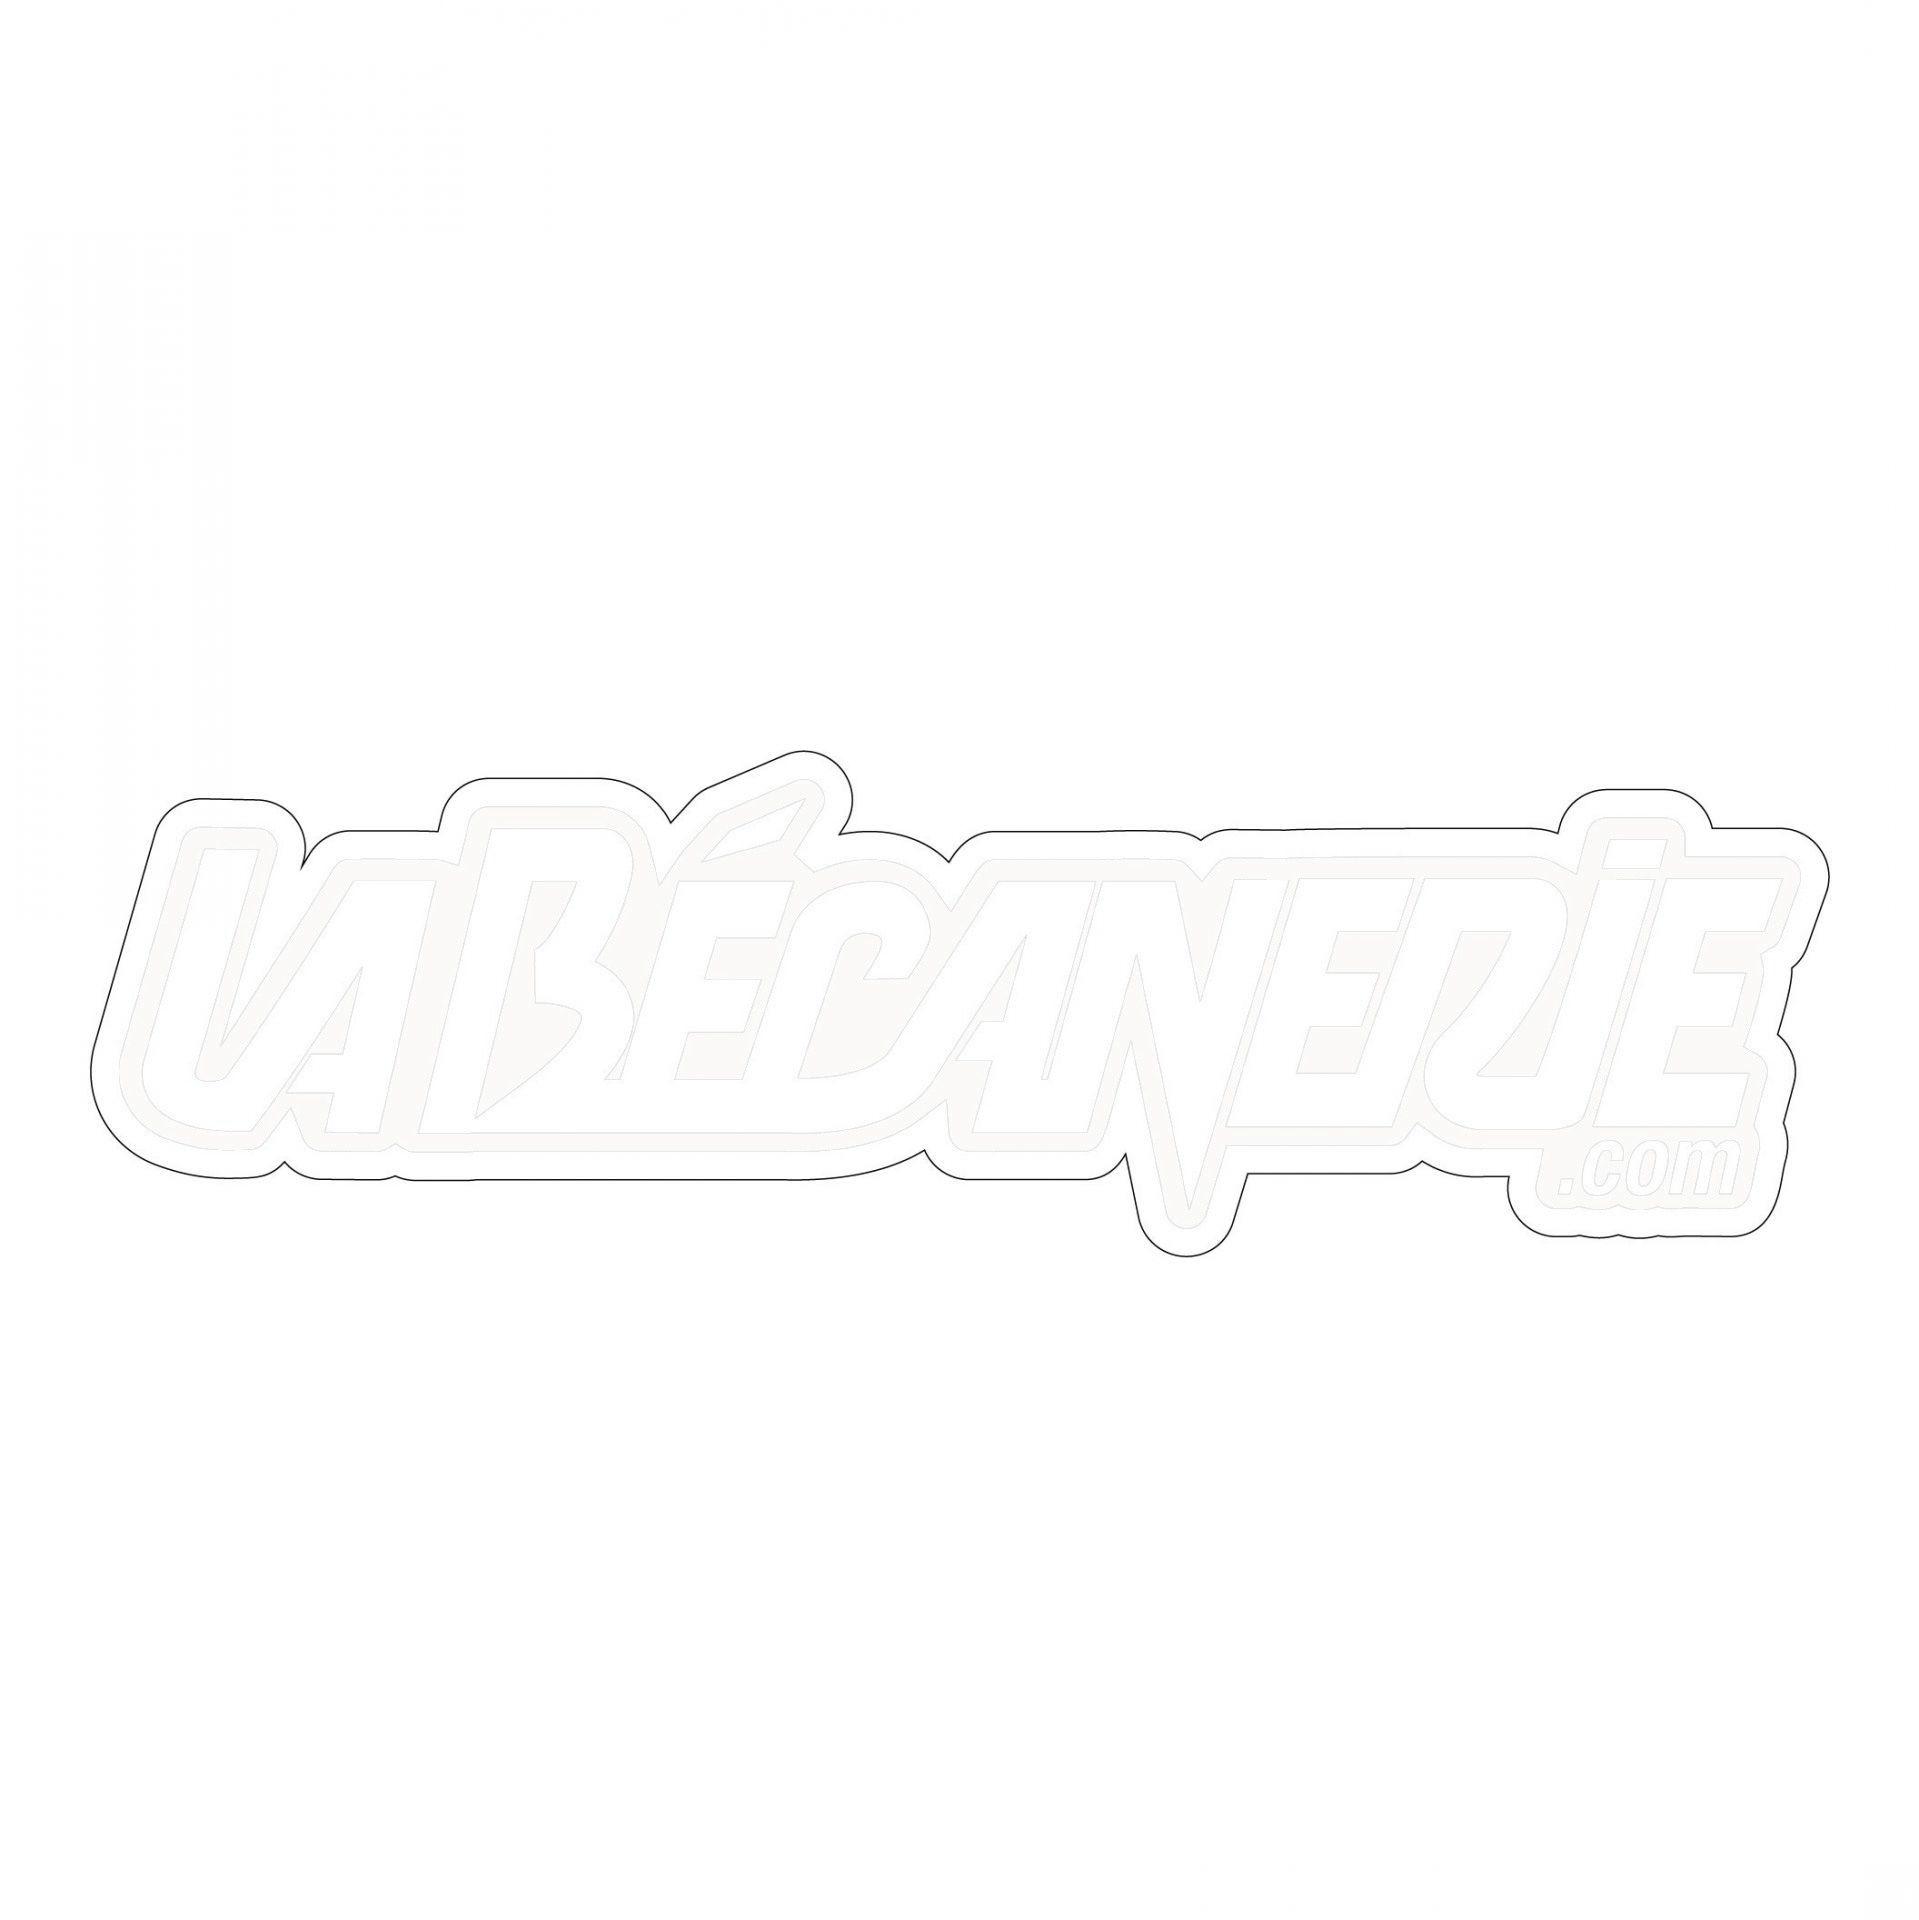 Autocollant La Bécanerie 12.5 cm blanc / transparent